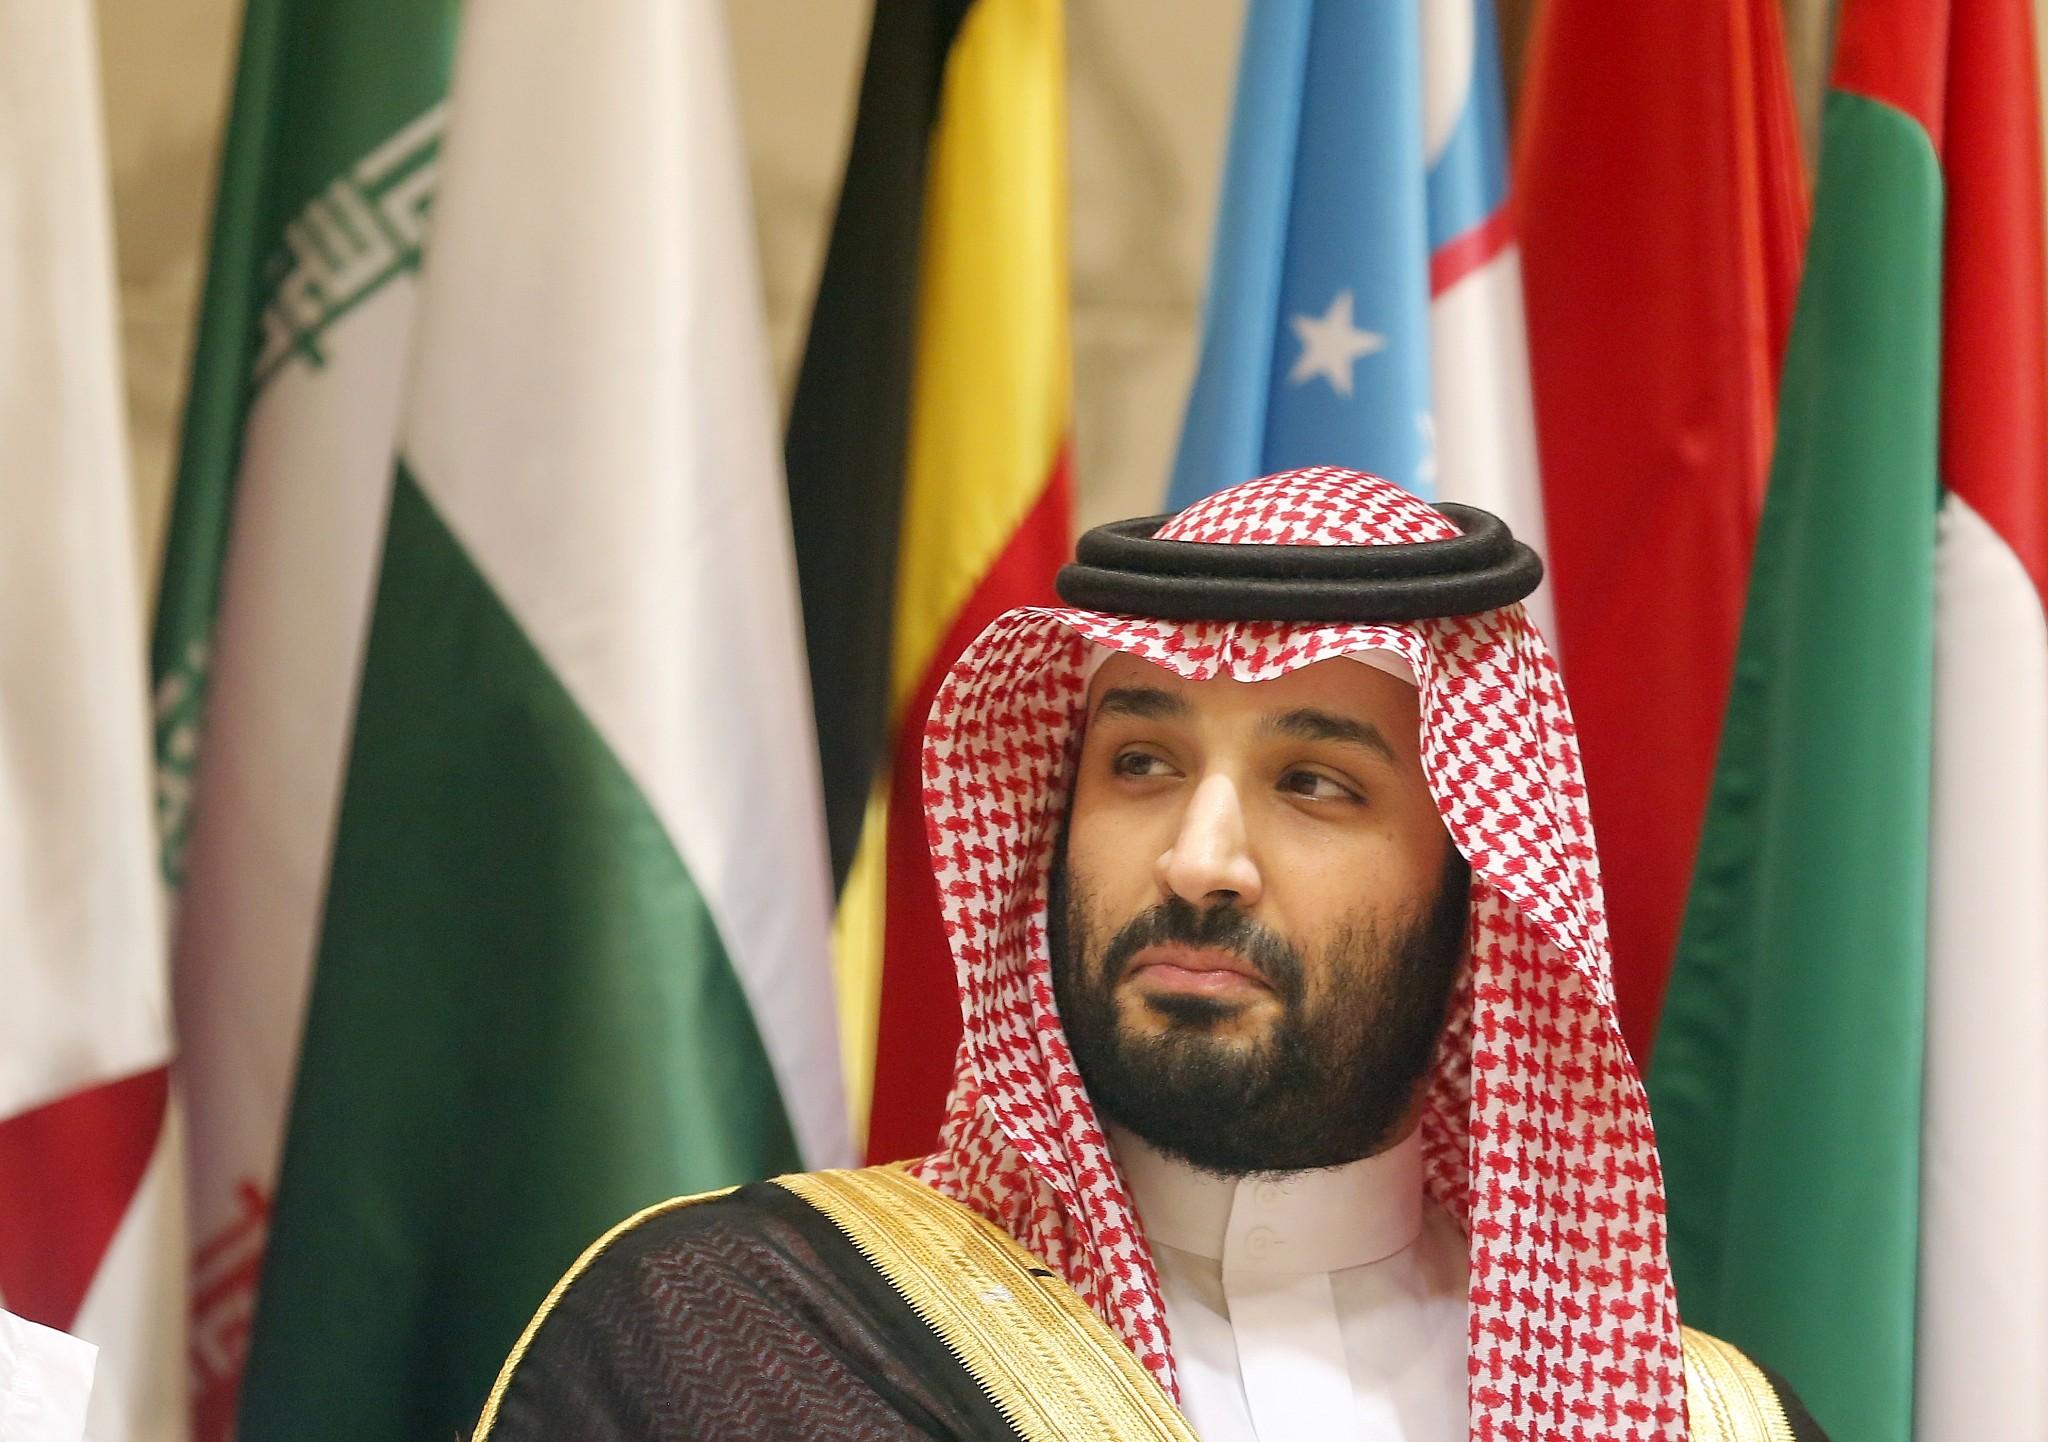 Saudi Arabia Detains Three Senior Members Of Royal Family